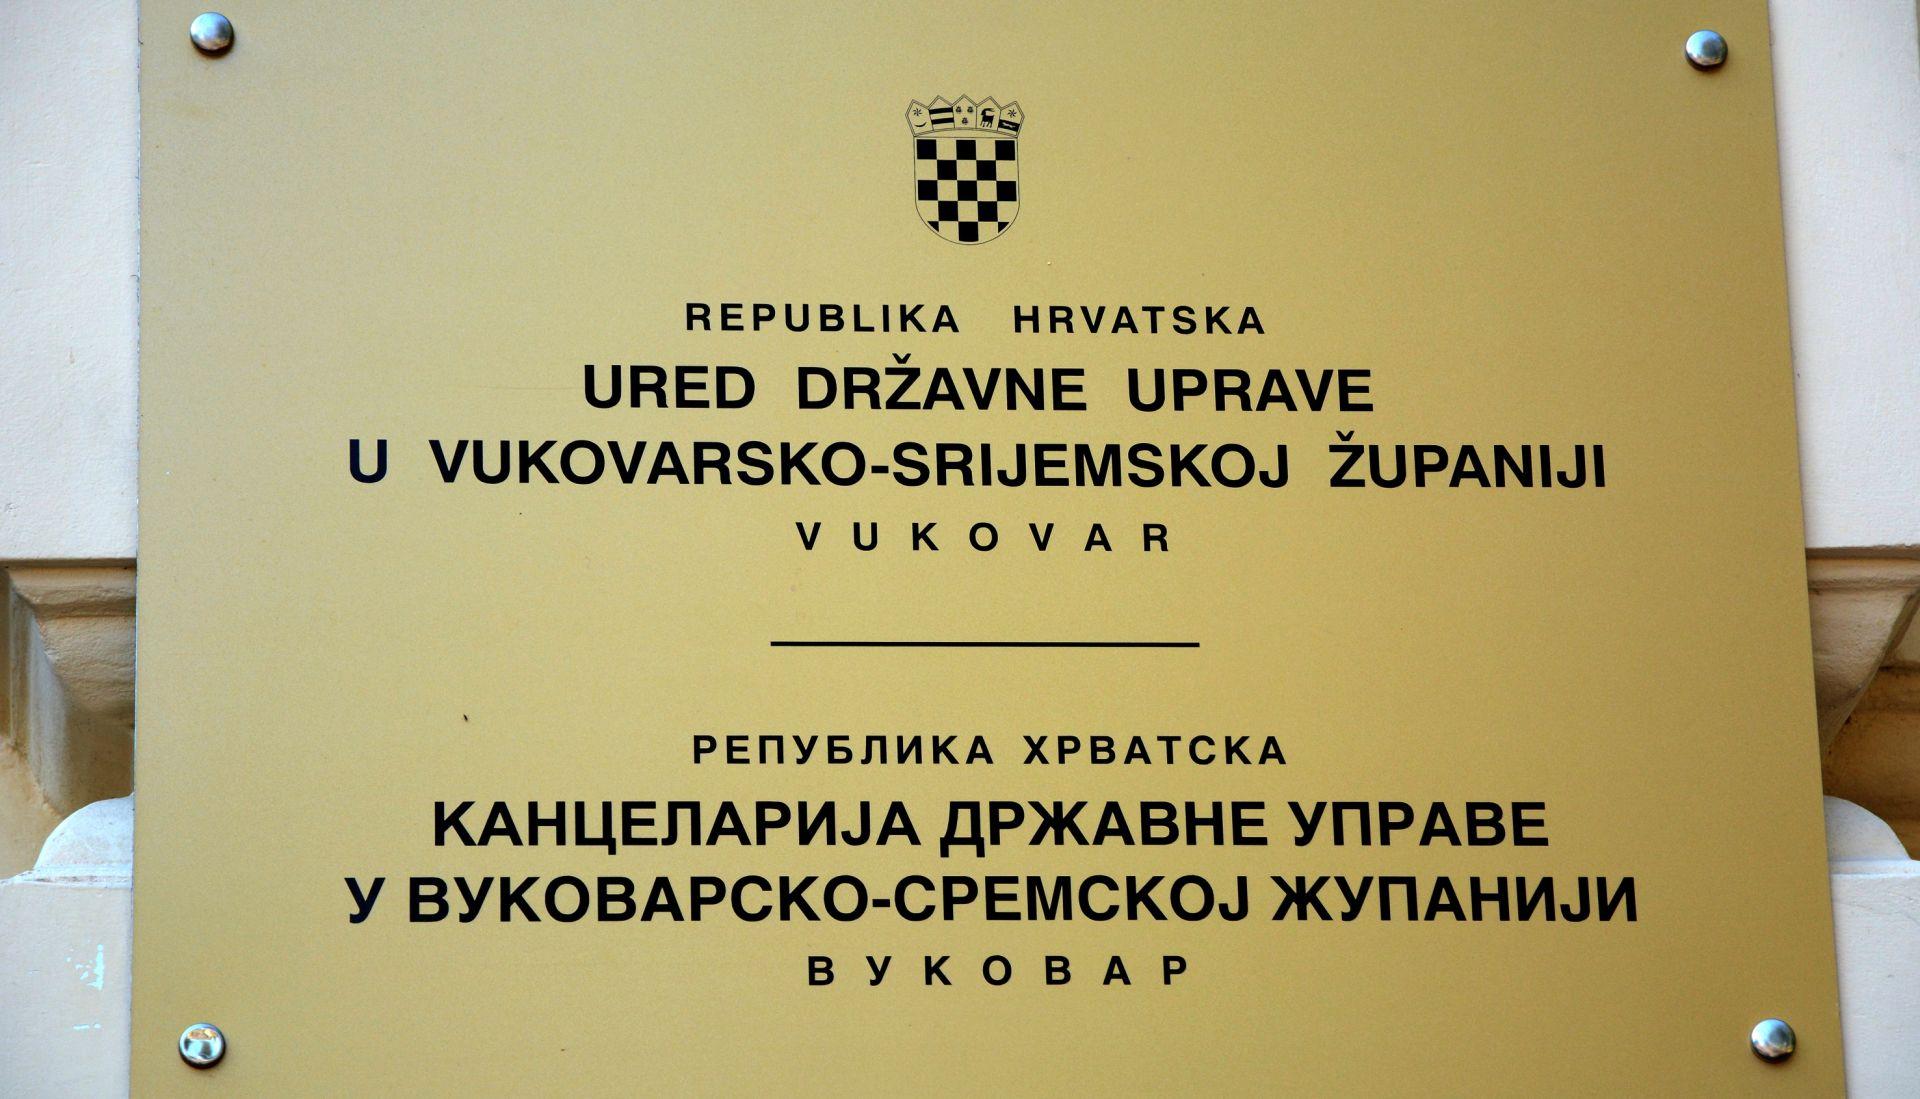 Ministarstvo: Obustavljamo izmjene Statuta Vukovara ocijenimo li ih neustavnim ili nezakonitim